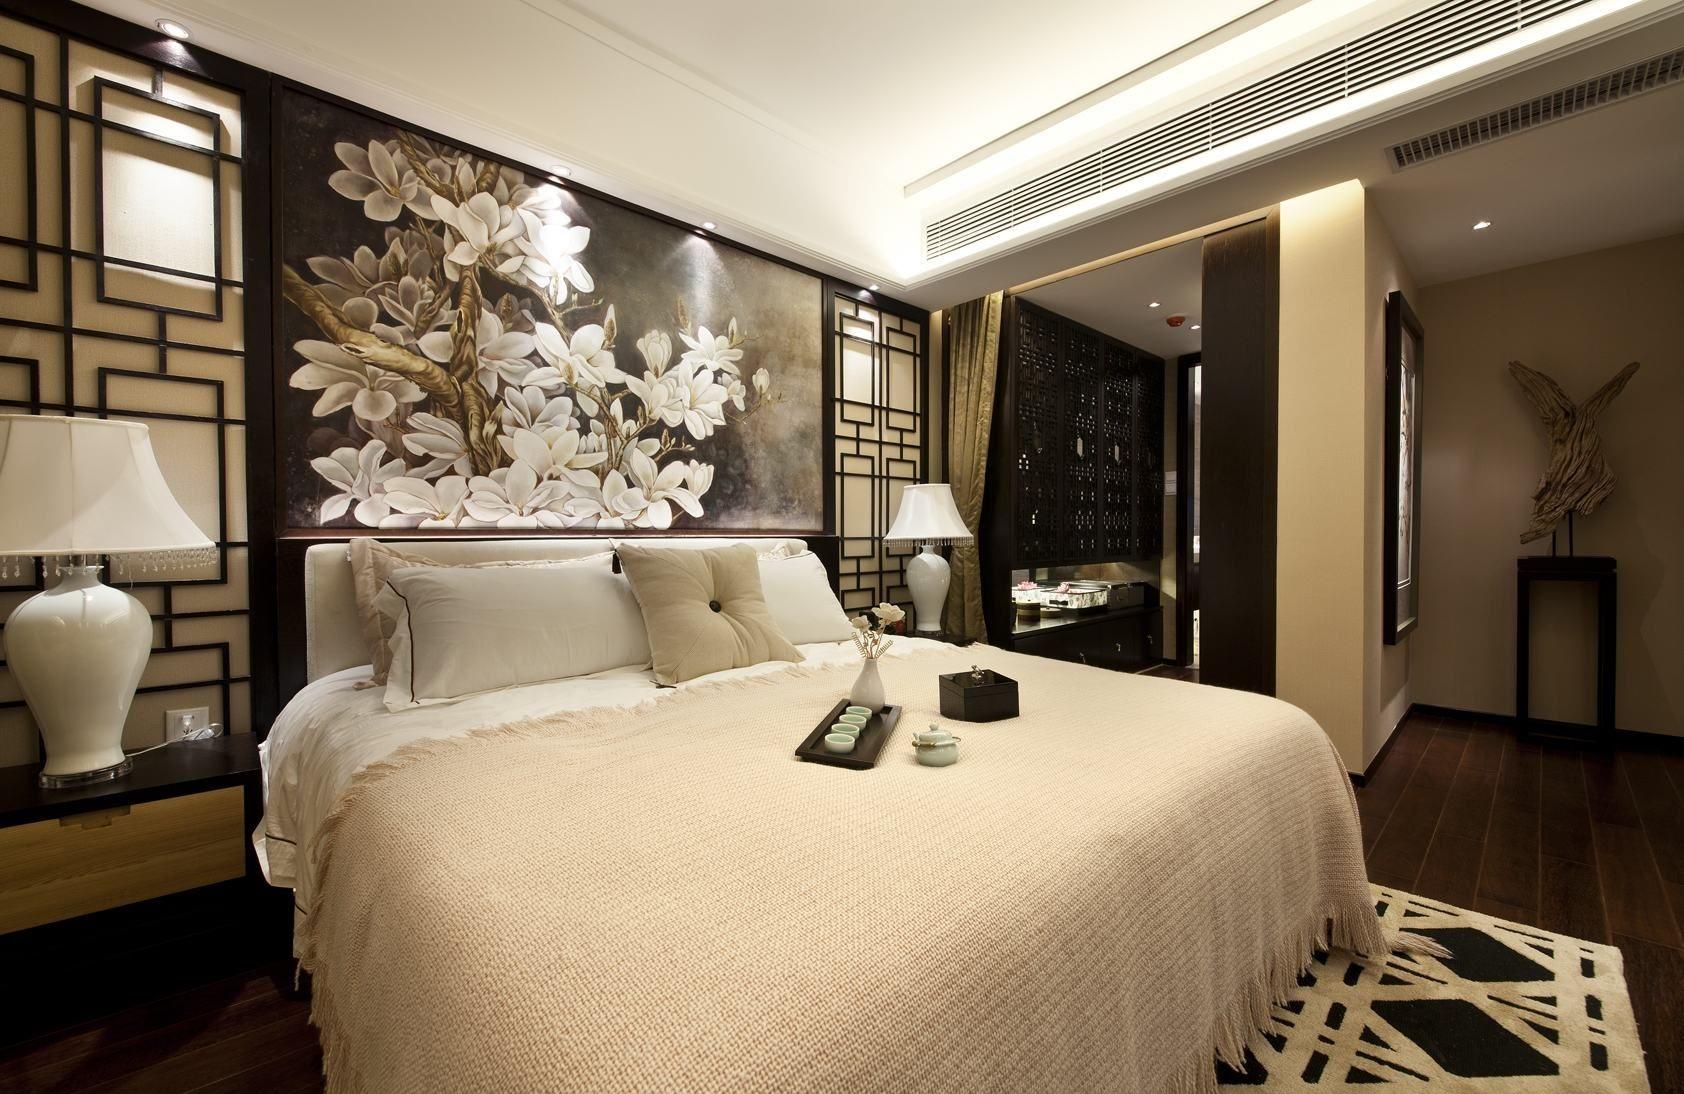 卧室背景墙以柔软的布艺来装饰,吊灯明亮简洁且大气,让房间的档次都上升了